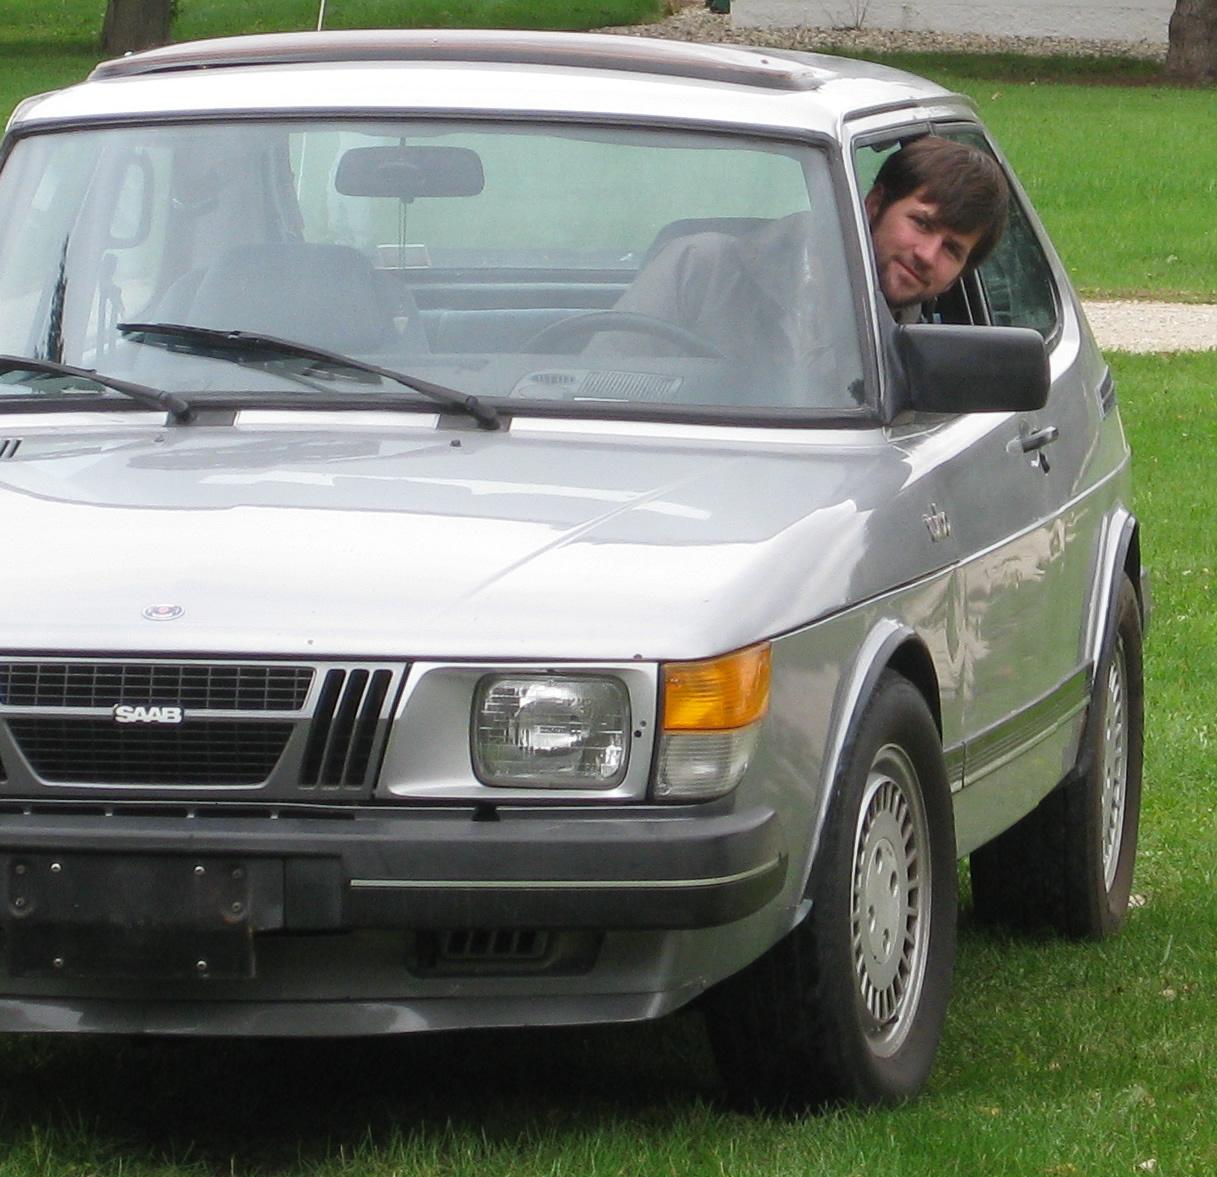 Cargurus Car Value: 1982 Saab 900